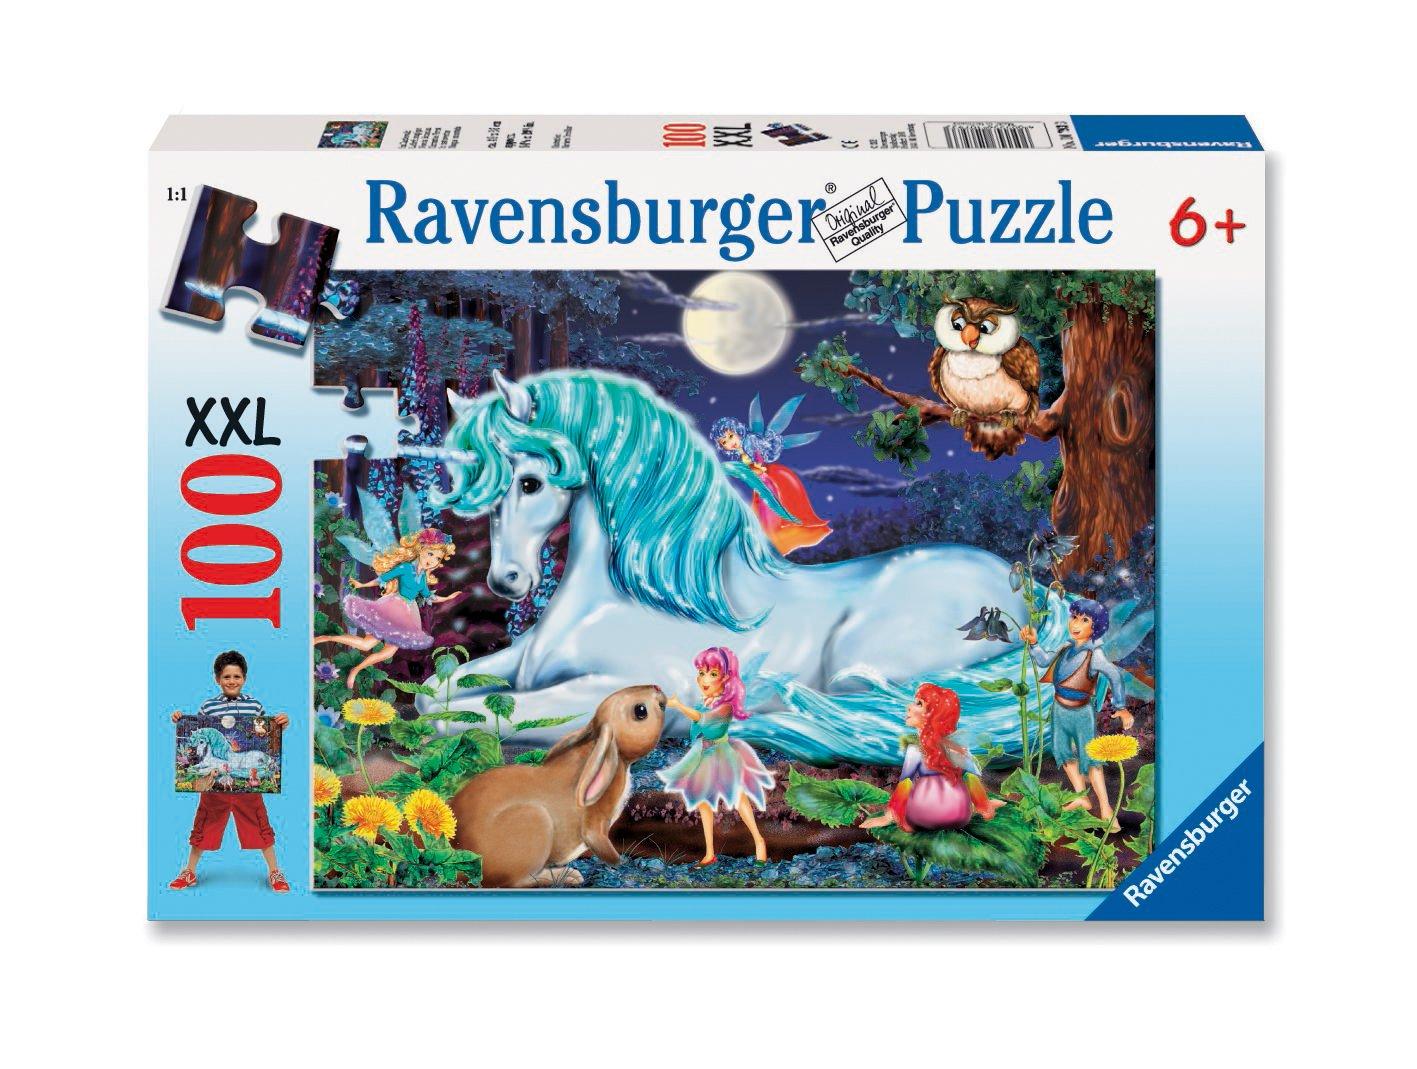 ravensburger 100 piece puzzle